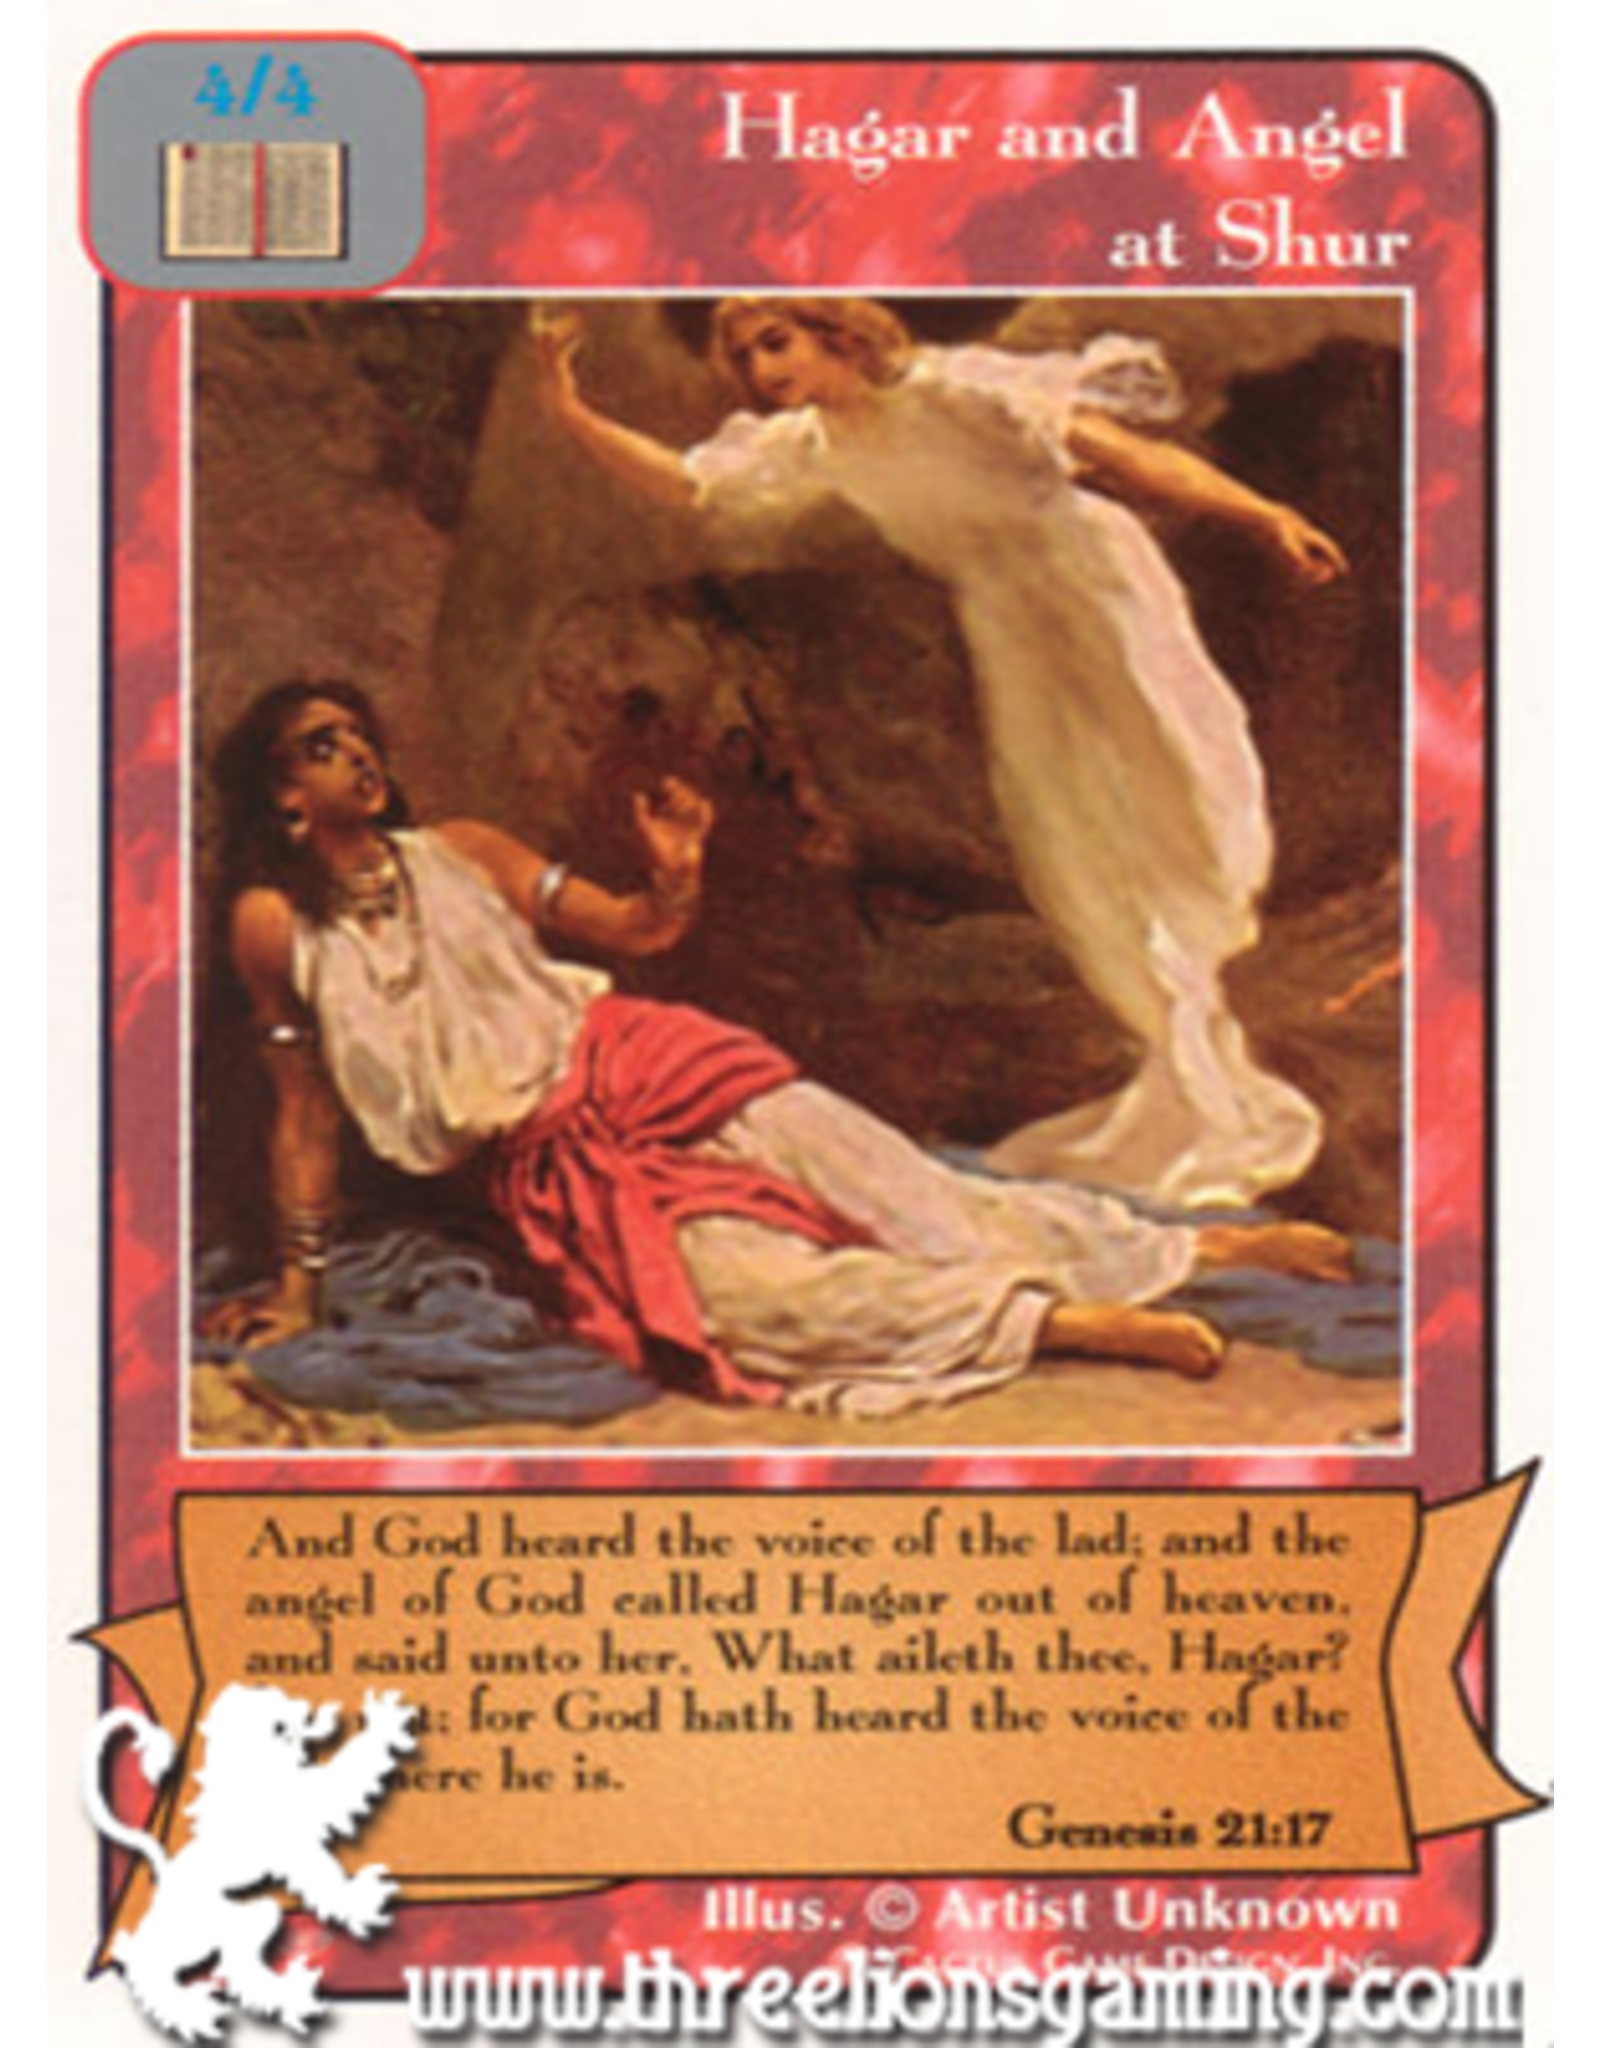 Pa: Hagar and Angel at Shur